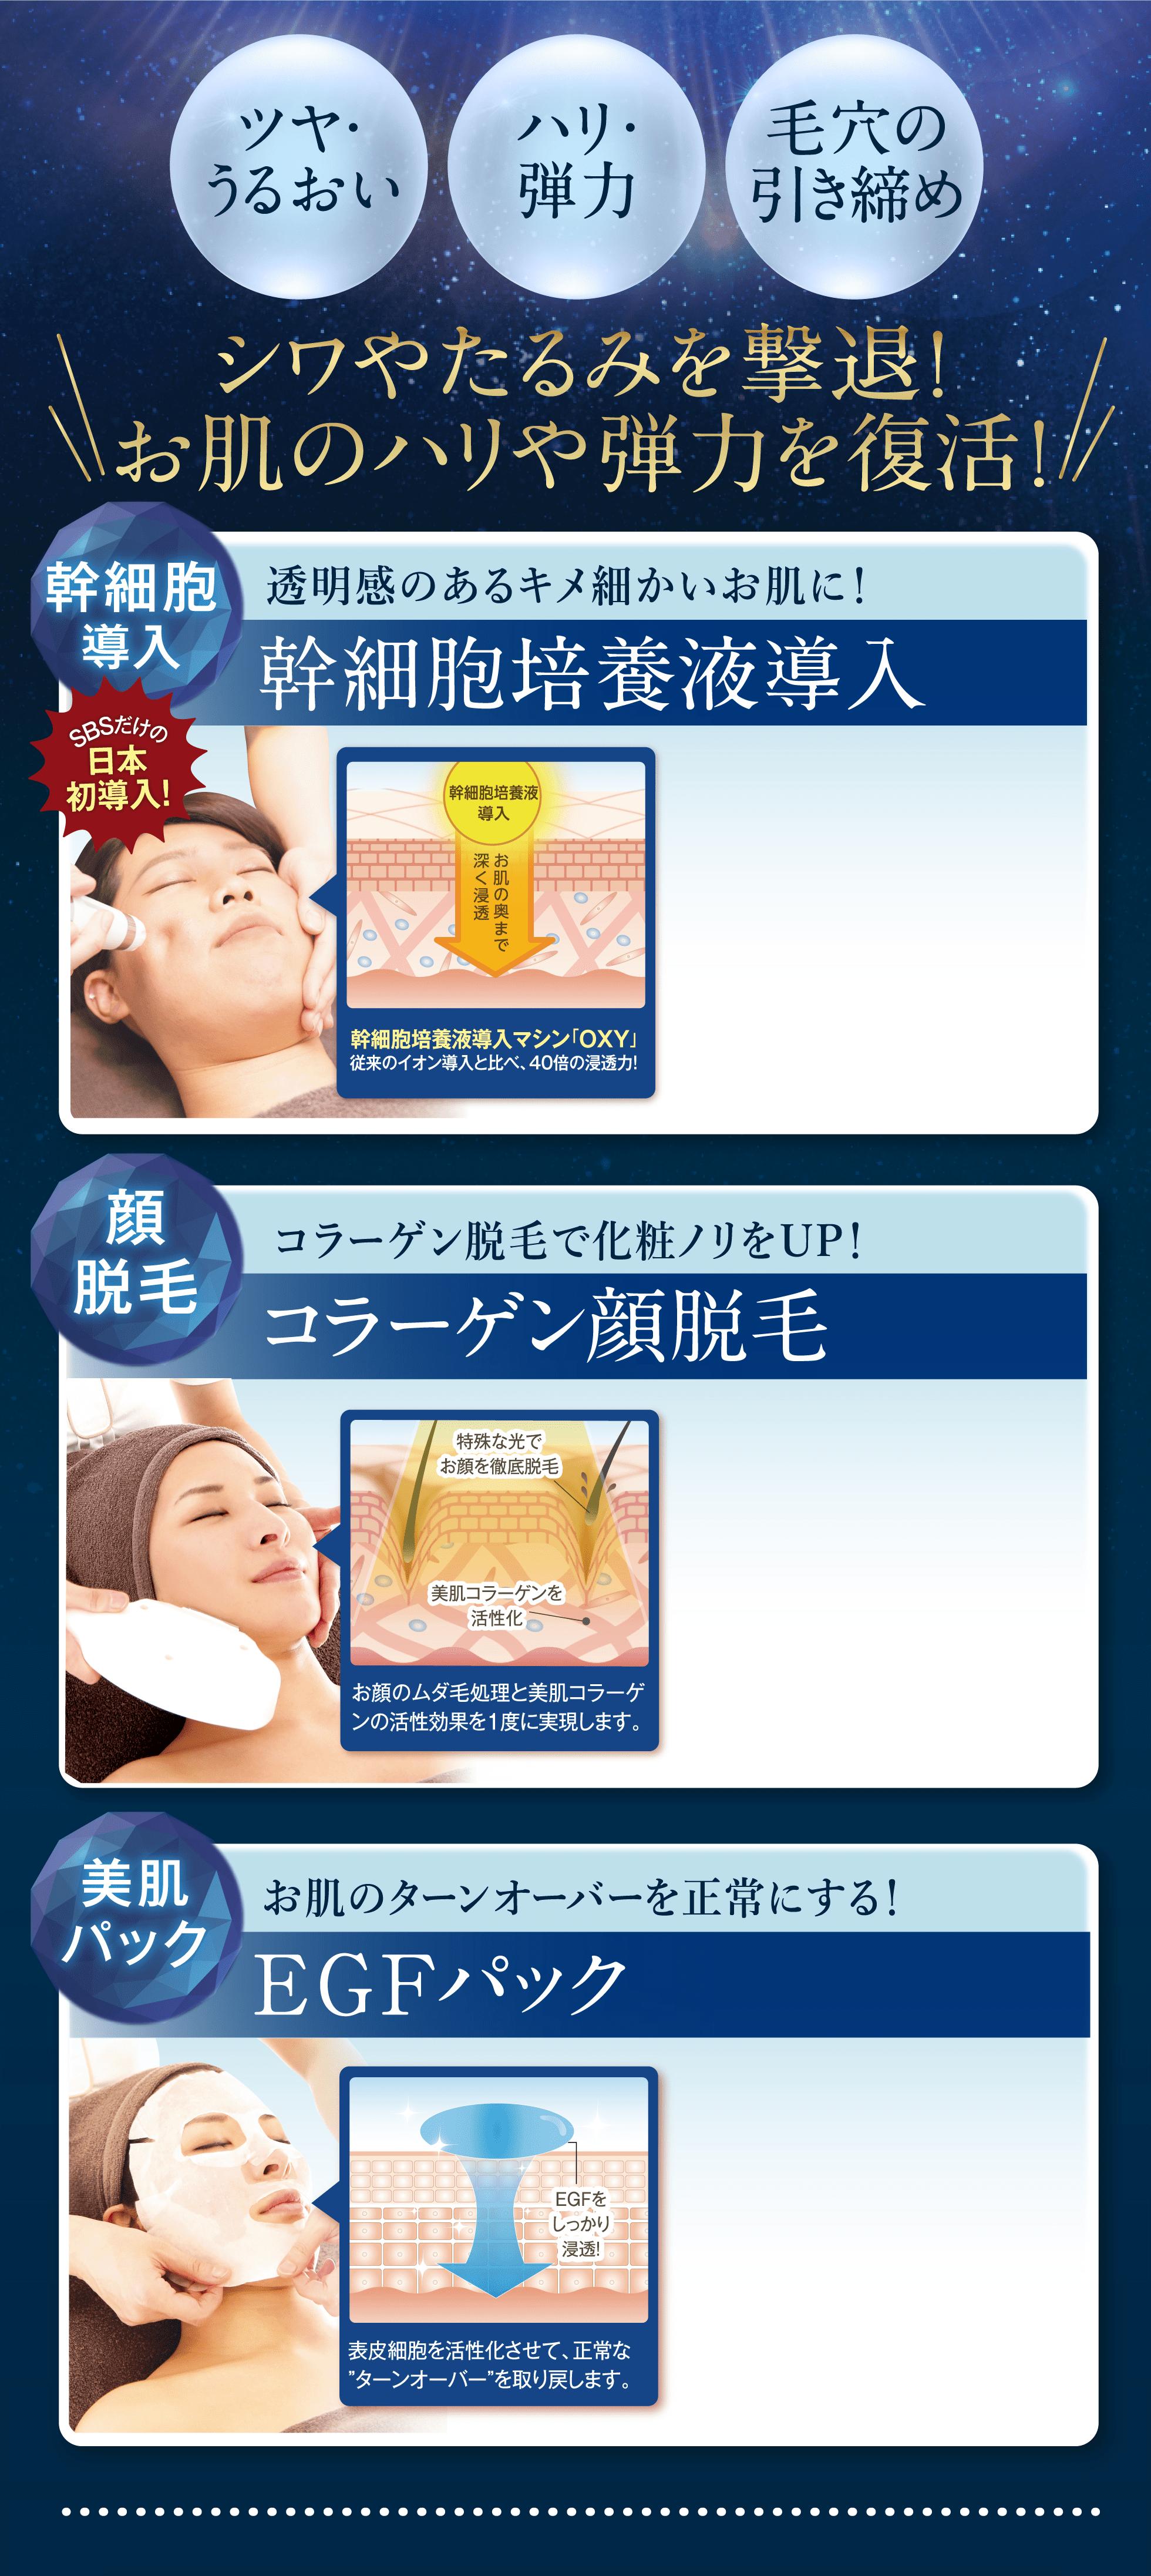 """ツヤ・うるおい ハリ・弾力 毛穴の引き締め シワやたるみを撃退!お肌のハリや弾力を復活! 幹細胞導入 SBSだけの日本初導入! 透明感のあるキメ細かいお肌に! 幹細胞培養液導入 幹細胞培養液導入マシン「OXY」 従来のイオン導入と比べ、40倍の浸透力! 顔脱毛 コラーゲン脱毛で化粧ノリをUP! コラーゲン顔脱毛 特殊な光でお顔を徹底脱毛 美肌コラーゲンを 活性化 お顔のムダ毛処理と美肌コラーゲンの活性効果を1度に実現します。 美肌パック お肌のターンオーバーを正常にする! EGFパック EGFをしっかり浸透! 表皮細胞を活性化させて、正常な""""ターンオーバー""""を取り戻します。"""